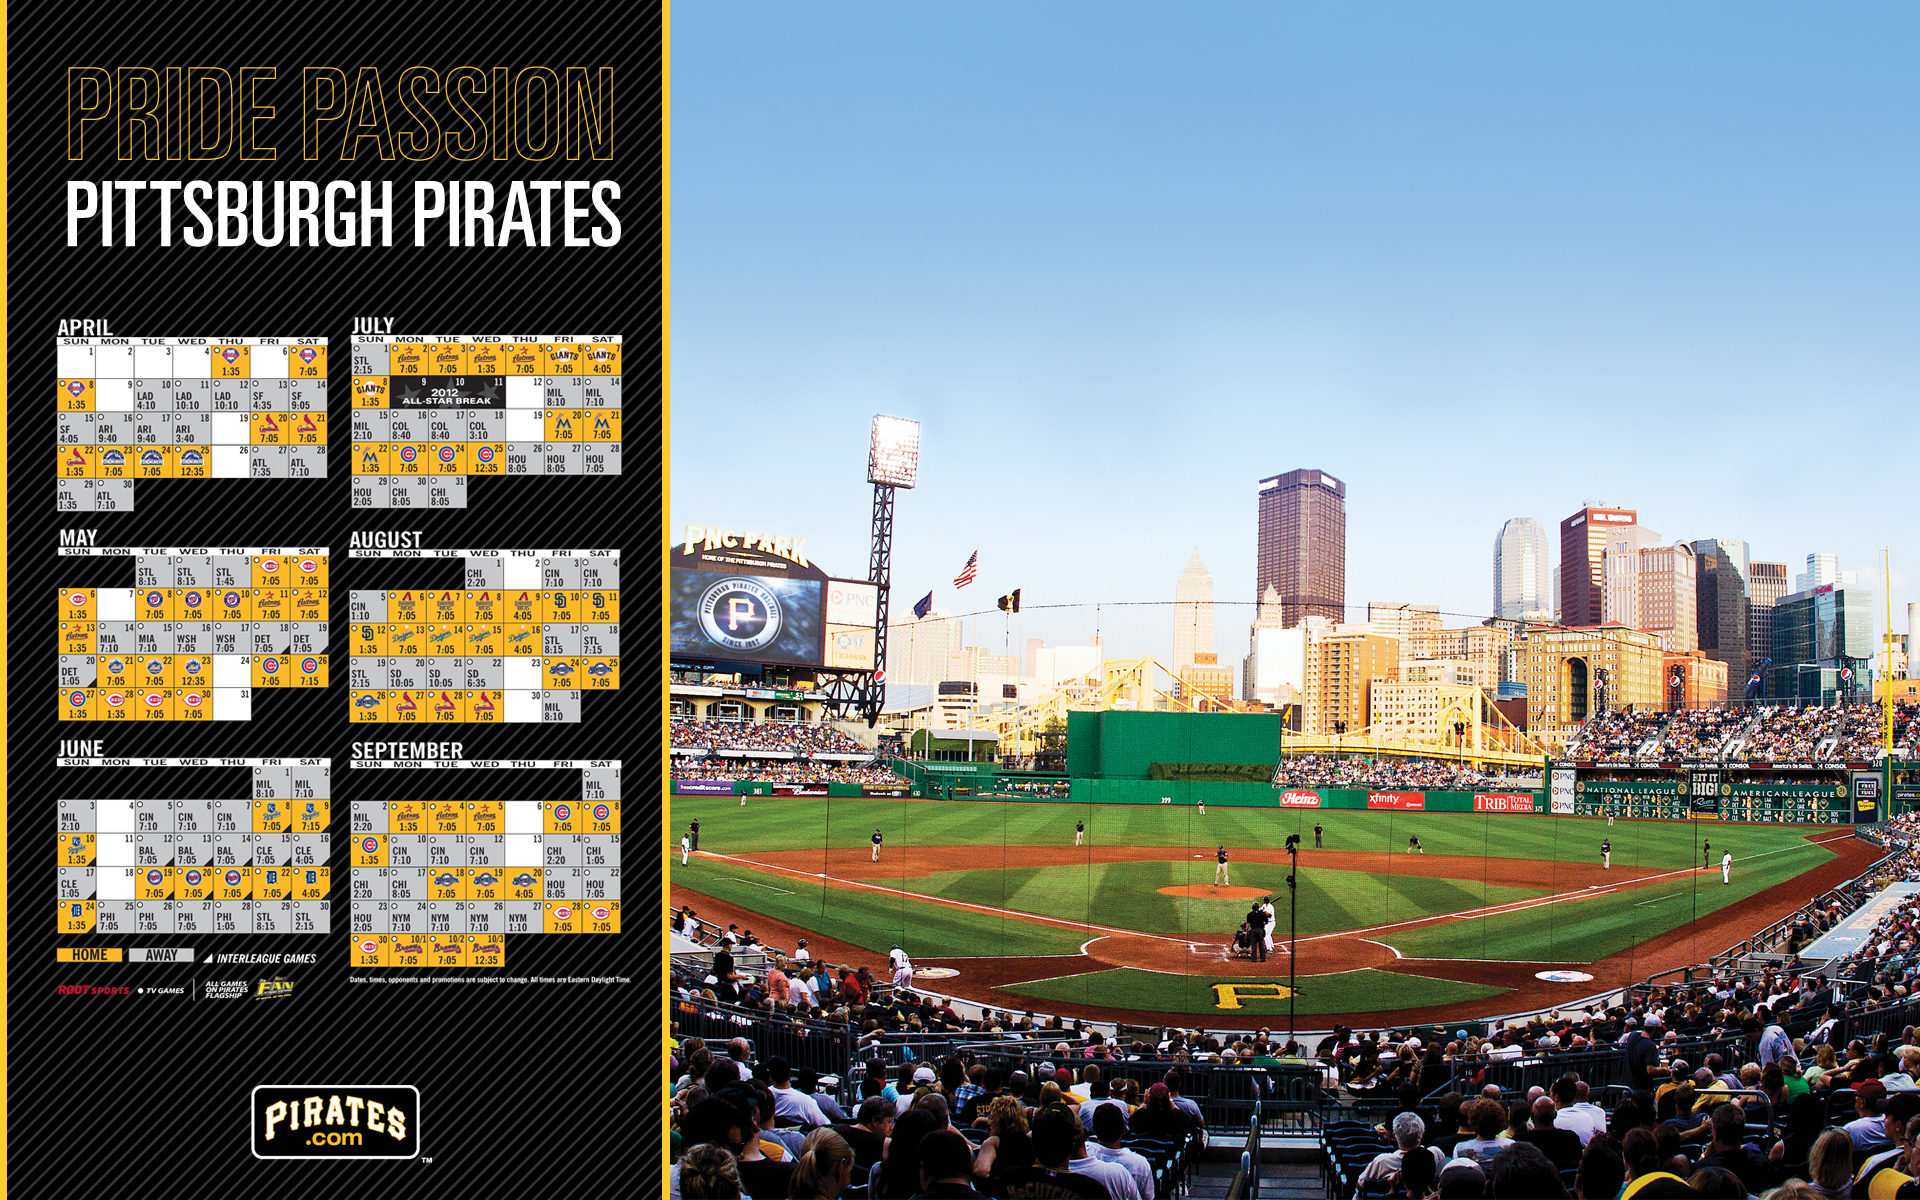 Pirates Desktop Wallpapers Pittsburgh Pirates 1920x1200